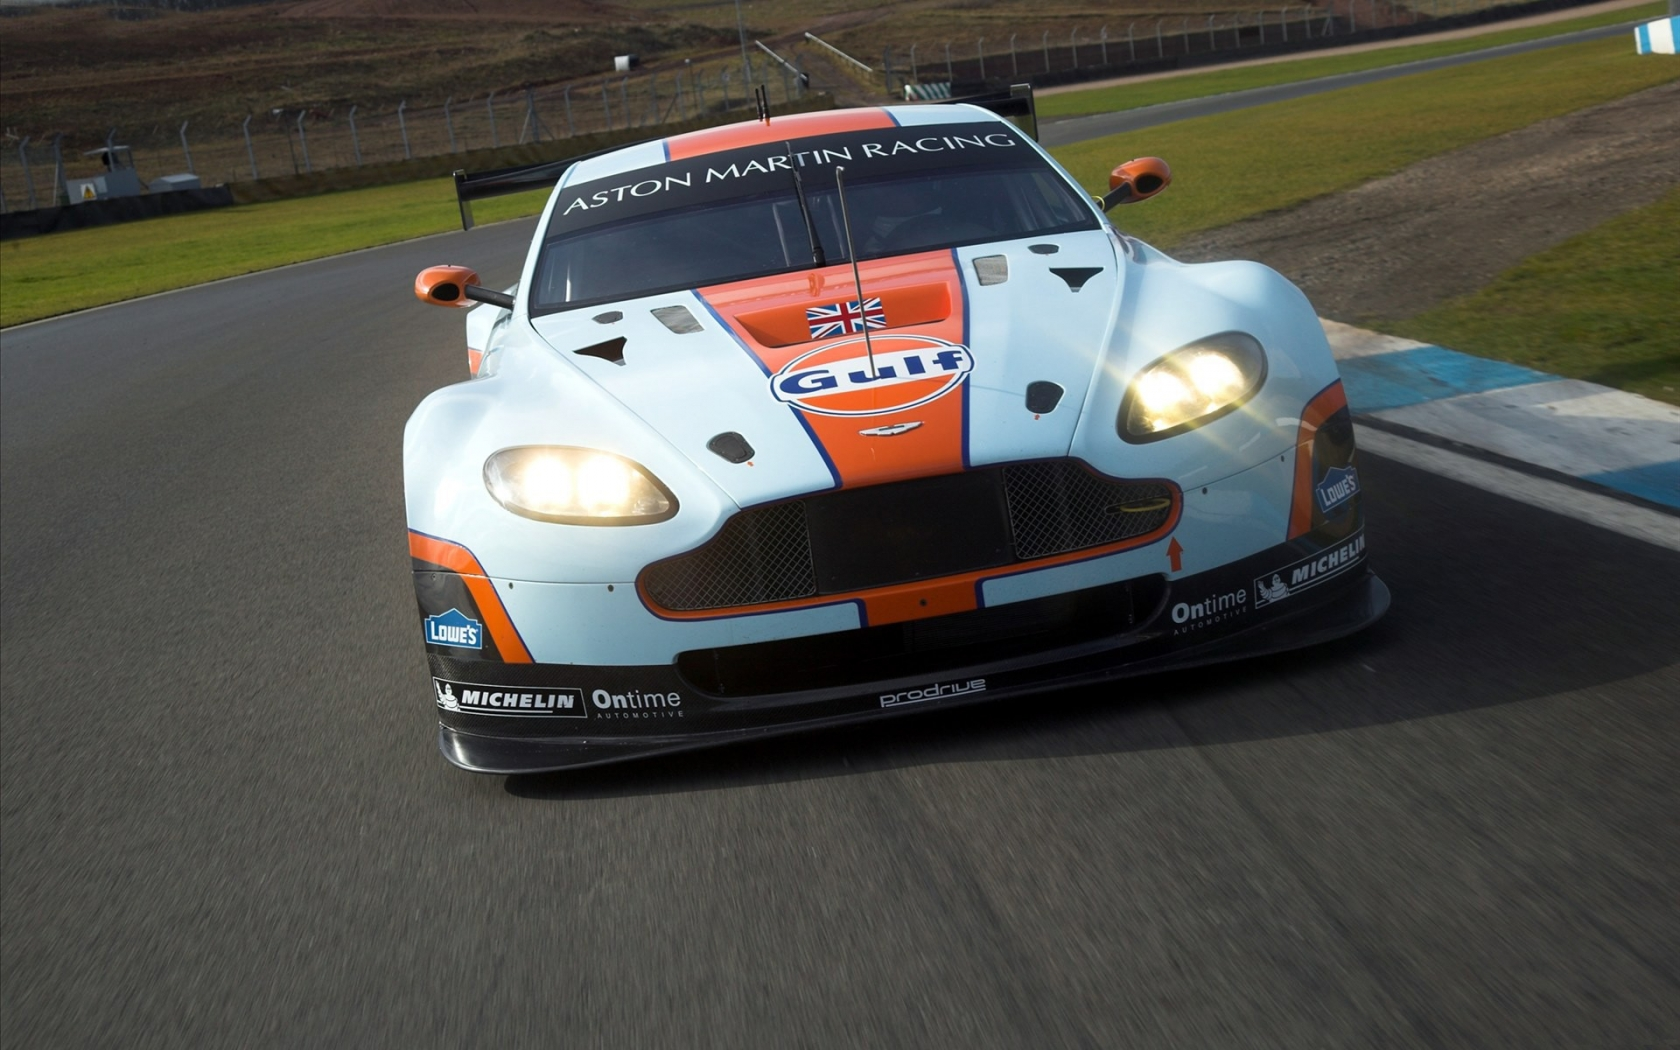 Aston Martin de carreras - 1680x1050